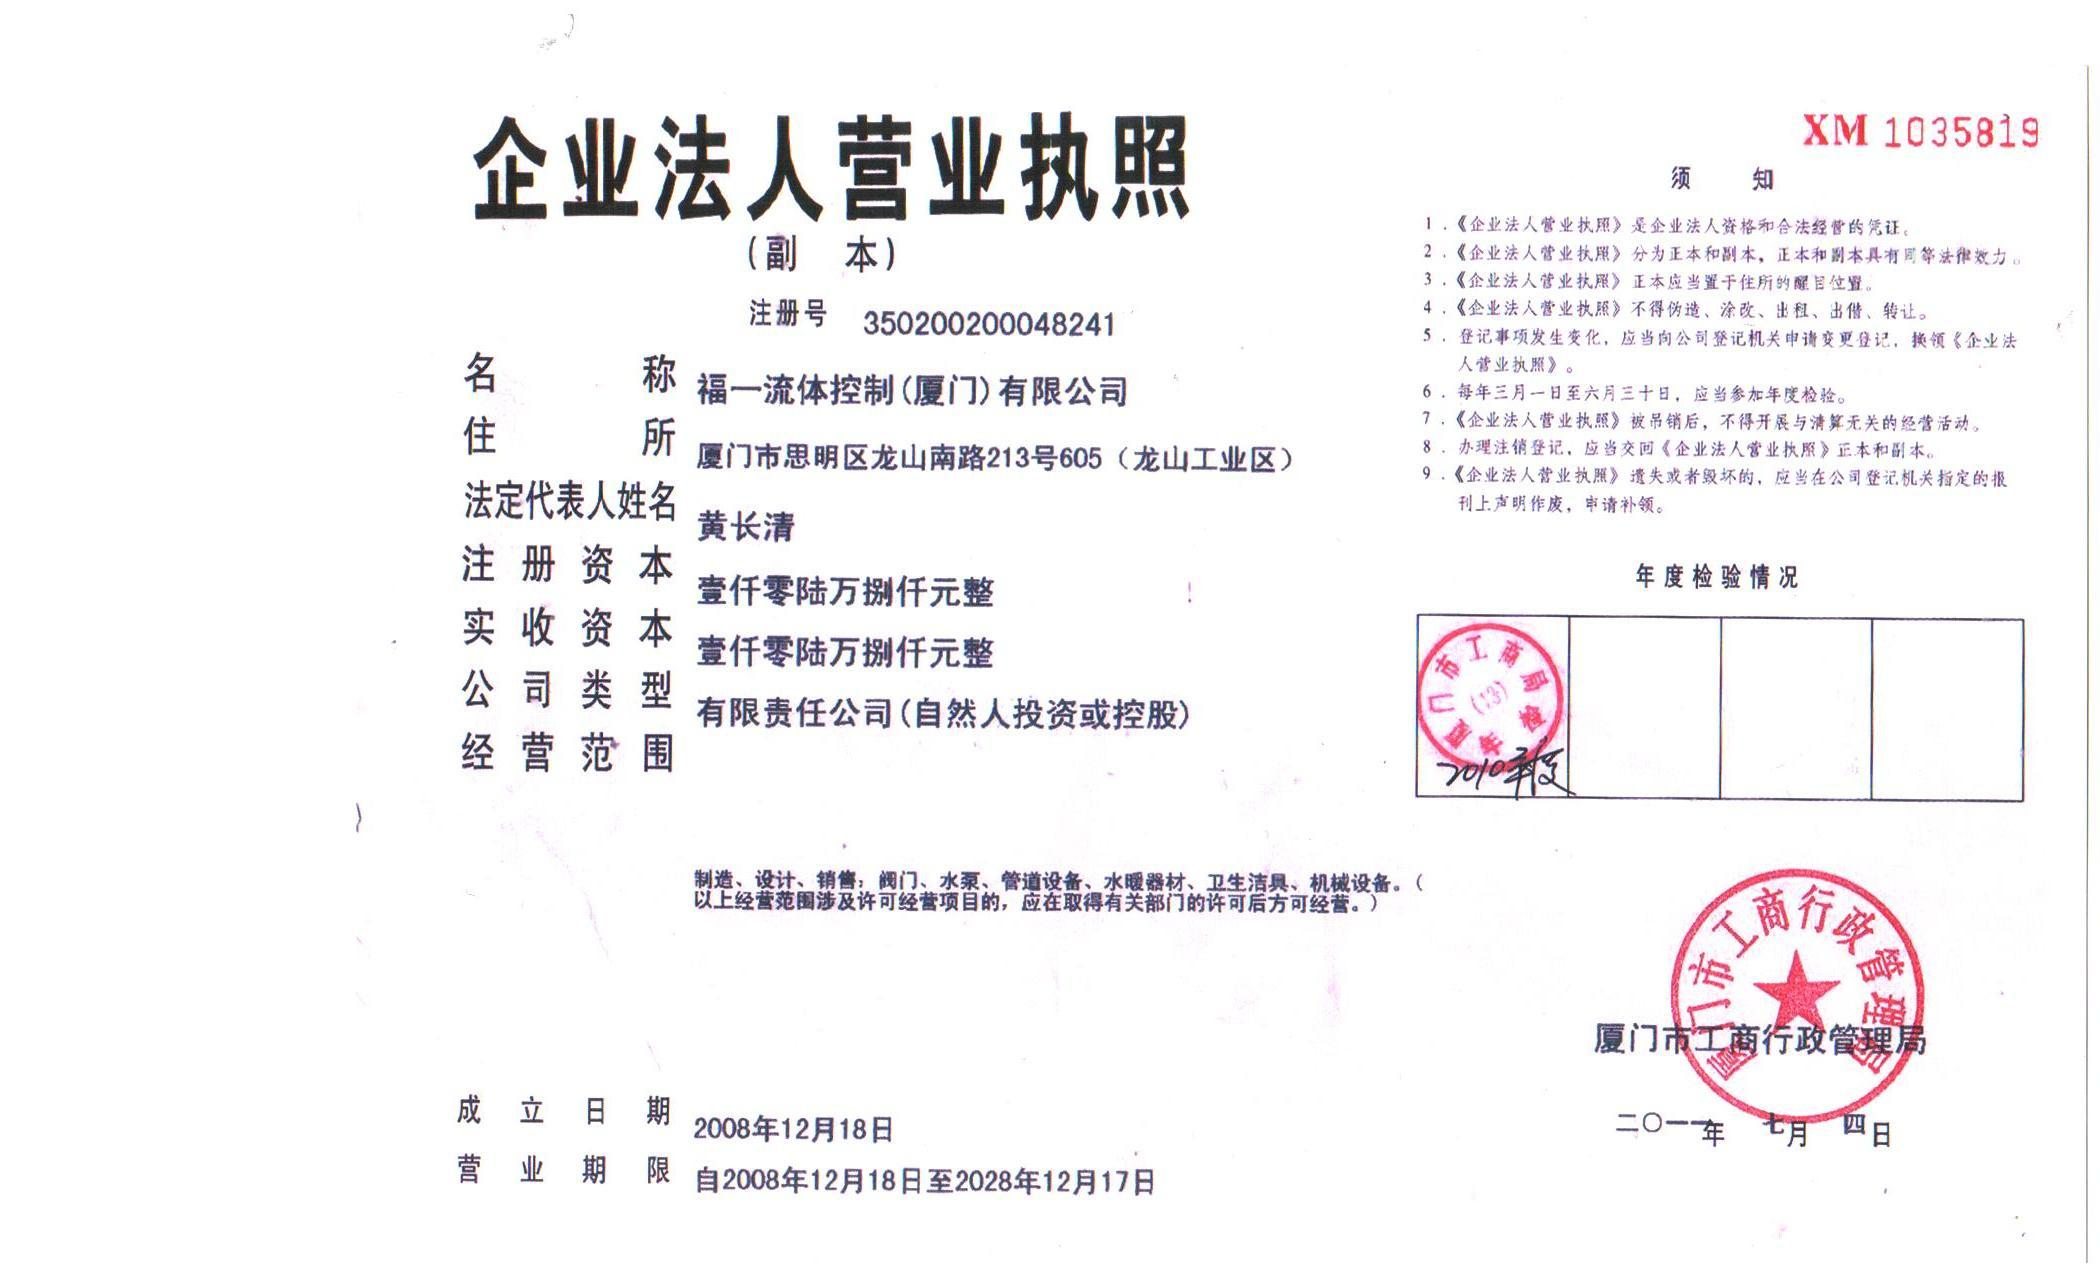 营业执照 - 企业资质 - 形象展示 - 福一流体控制()